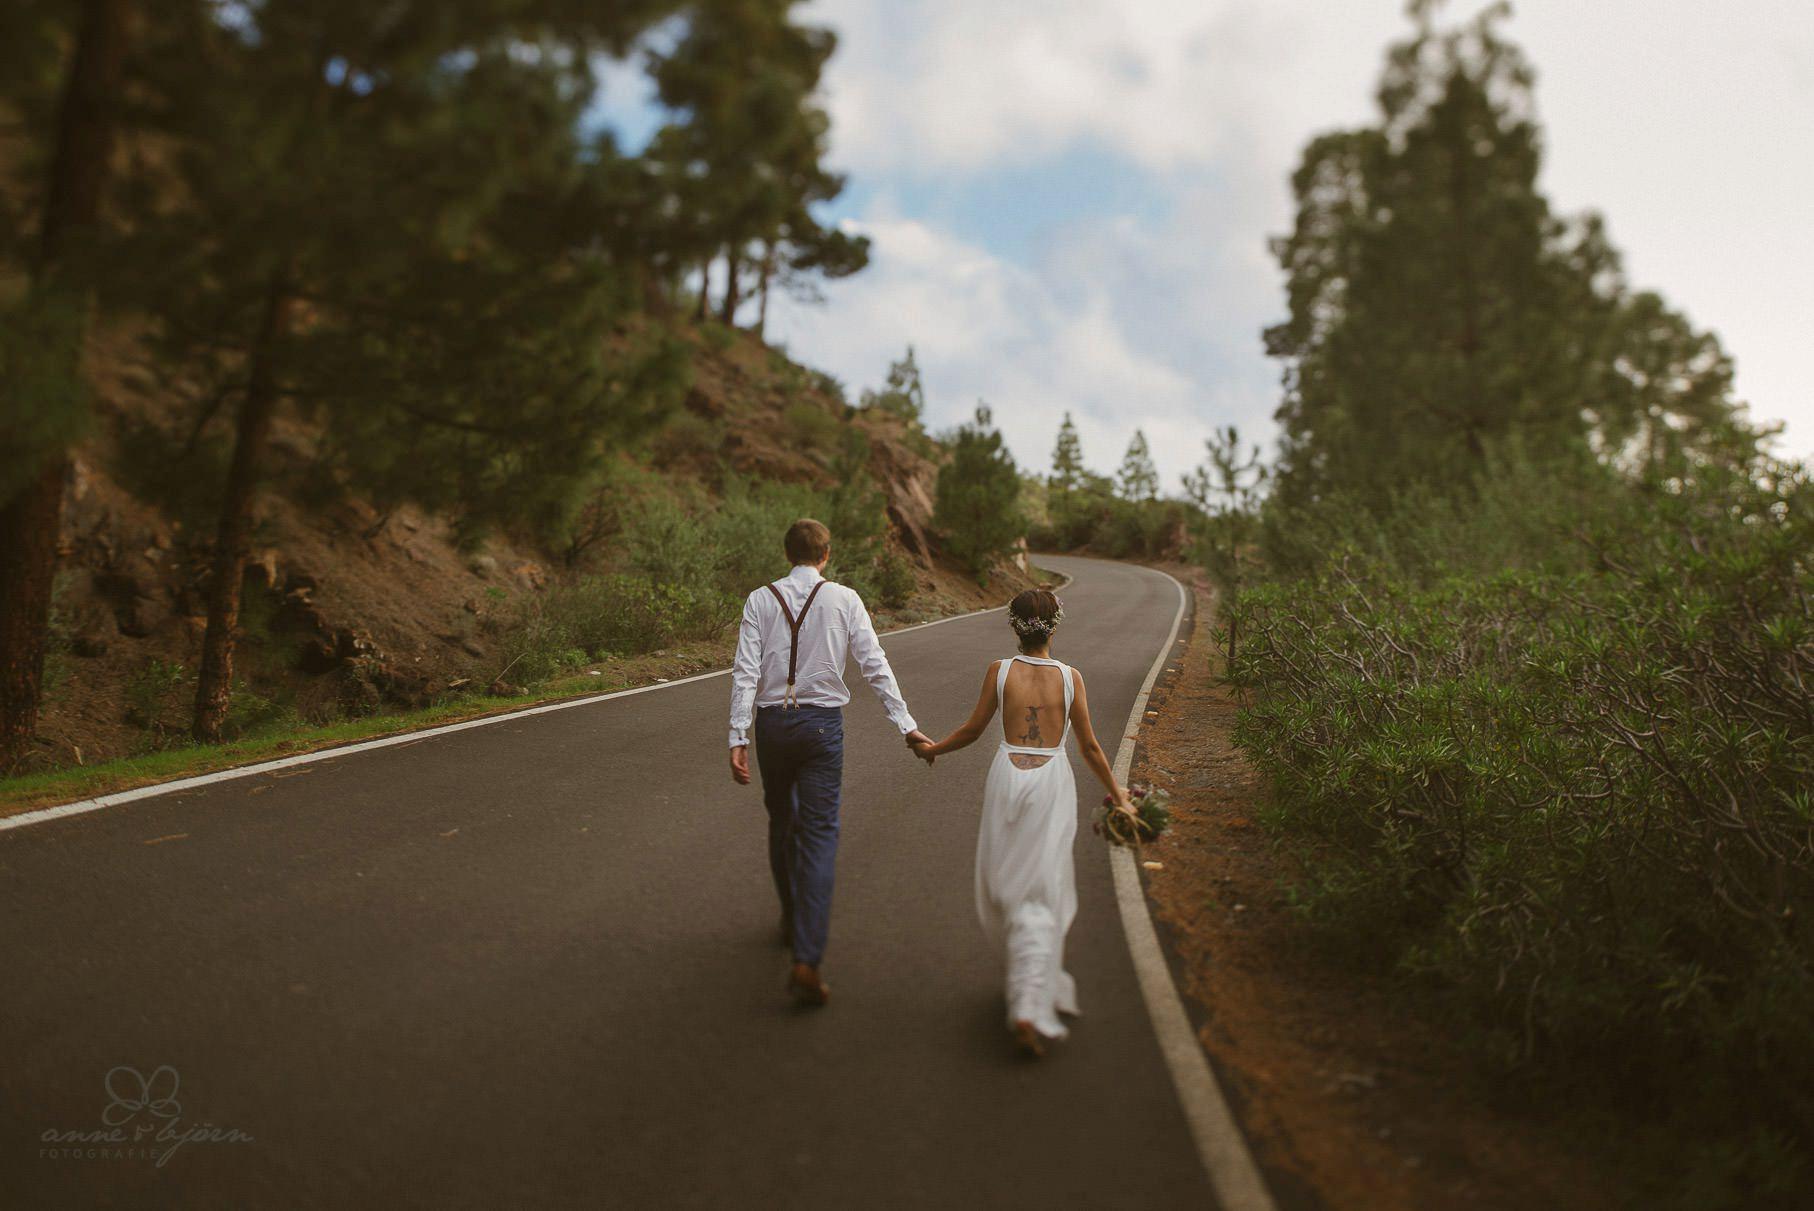 0108 lug d75 7184 - Hochzeit auf Gran Canaria - Linda & Gerald (Elopement)